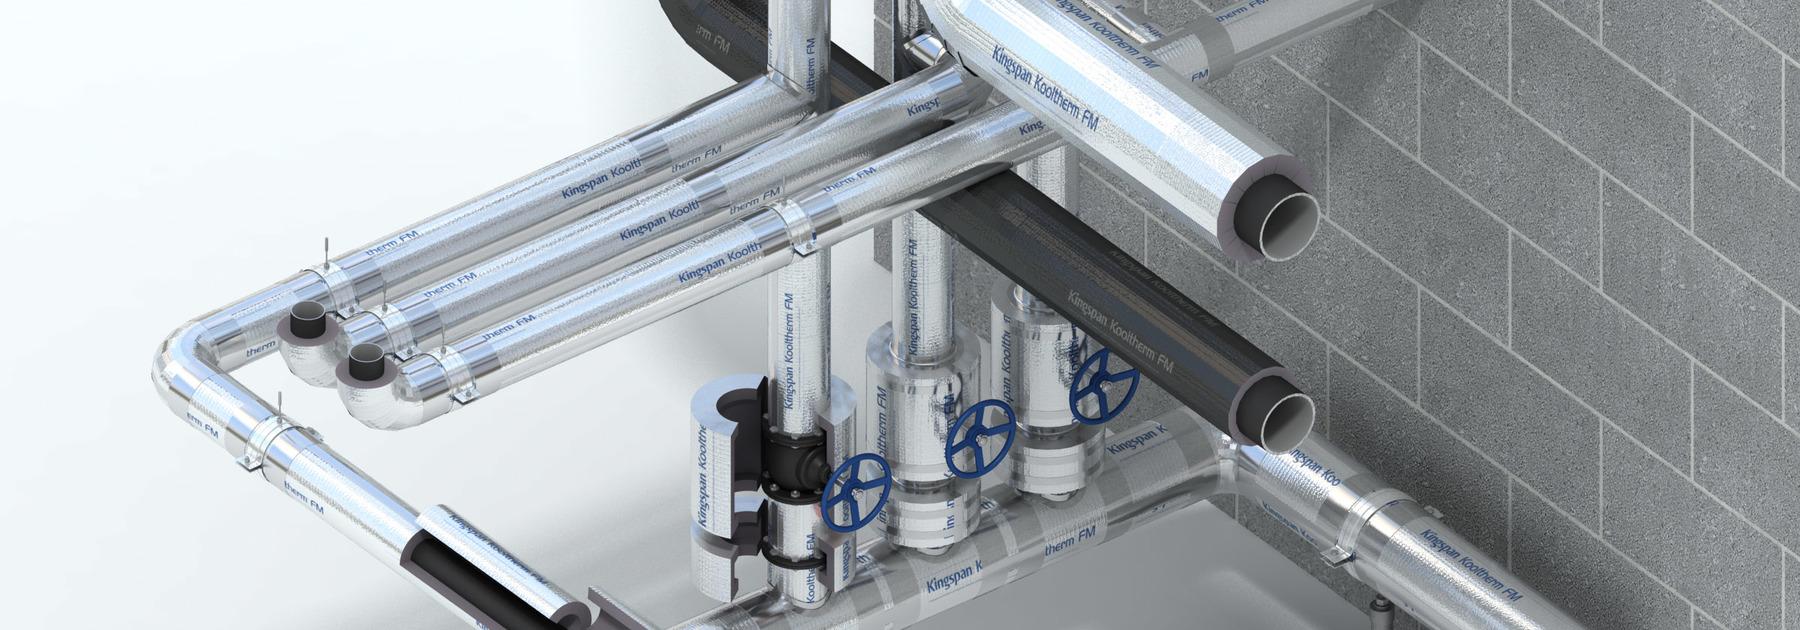 Kingspan Kooltherm, el aislamiento de la tubería de FM se puede utilizar en diversos tipos de tuberías, mangas del fuego y secciones de la ayuda de la tubería